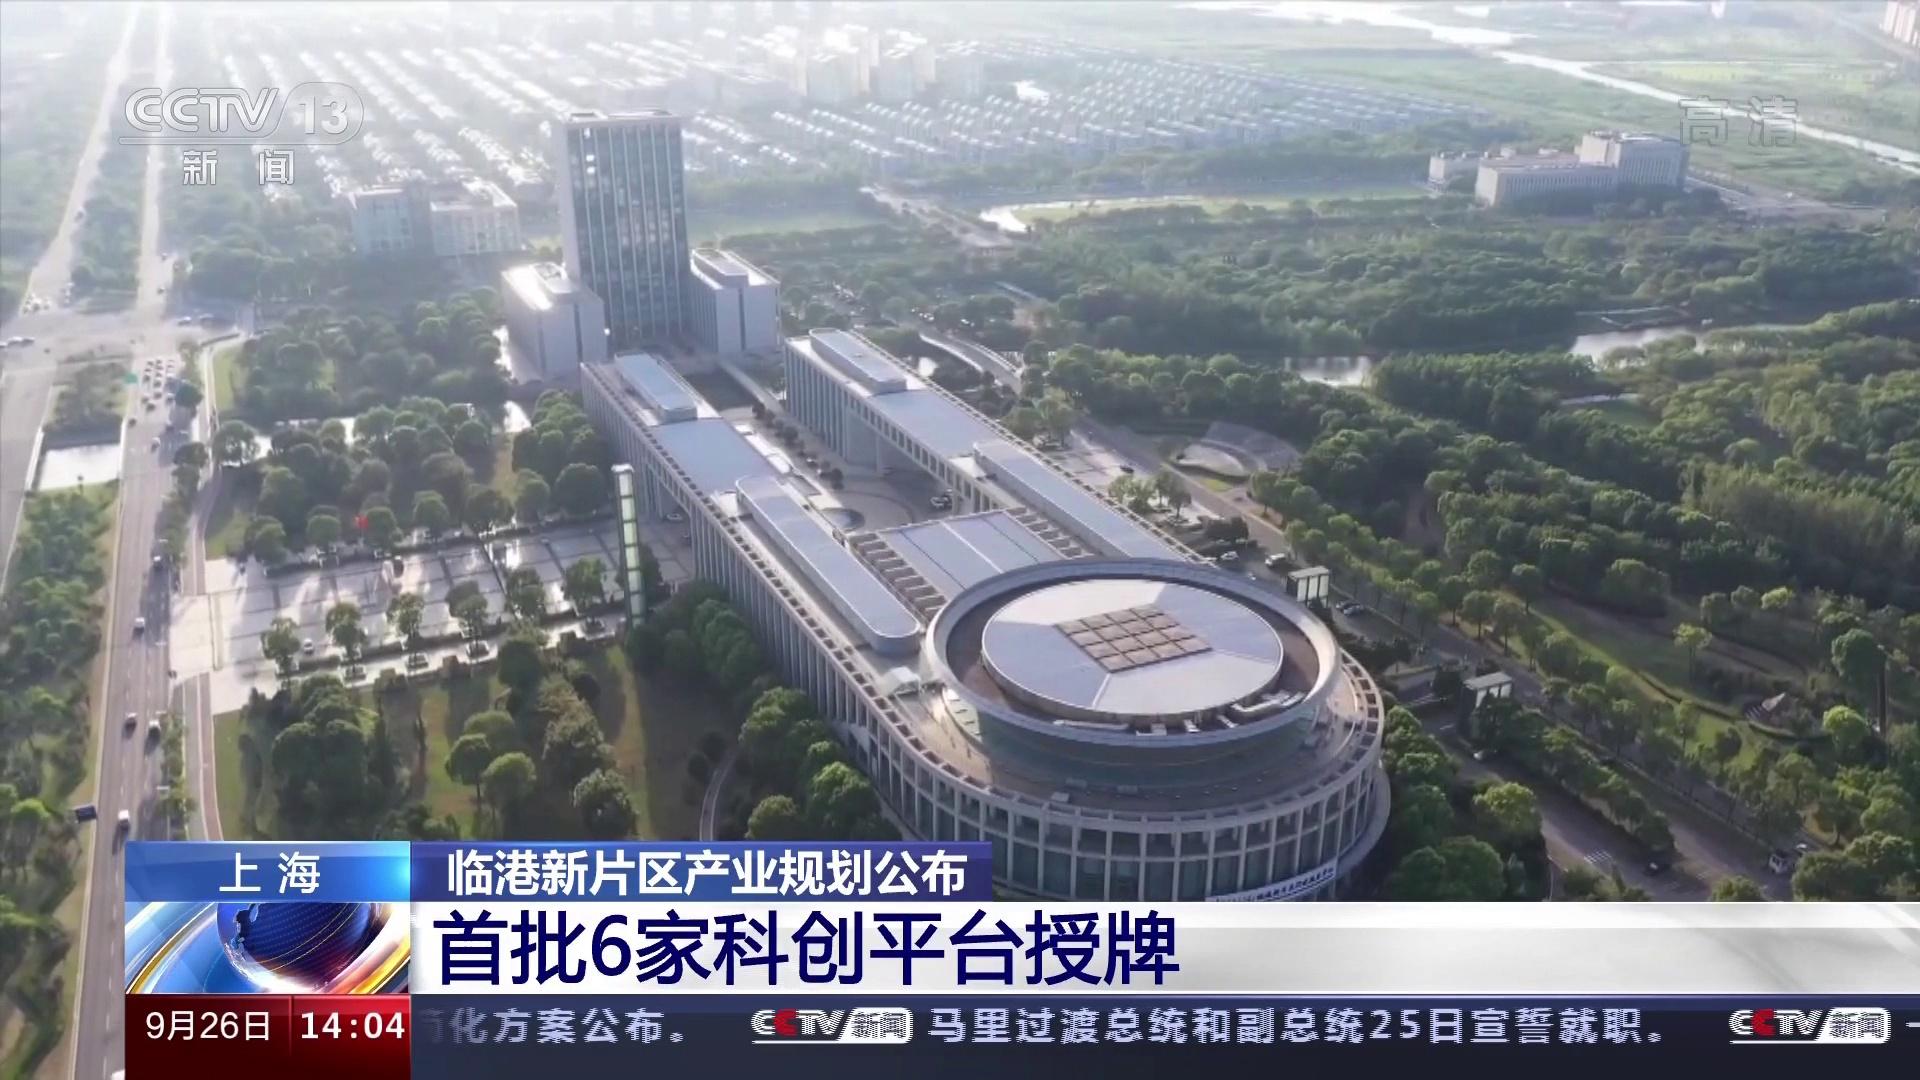 上海自贸新片区6家首批科创平台授牌 预计5年或将收入超300亿元